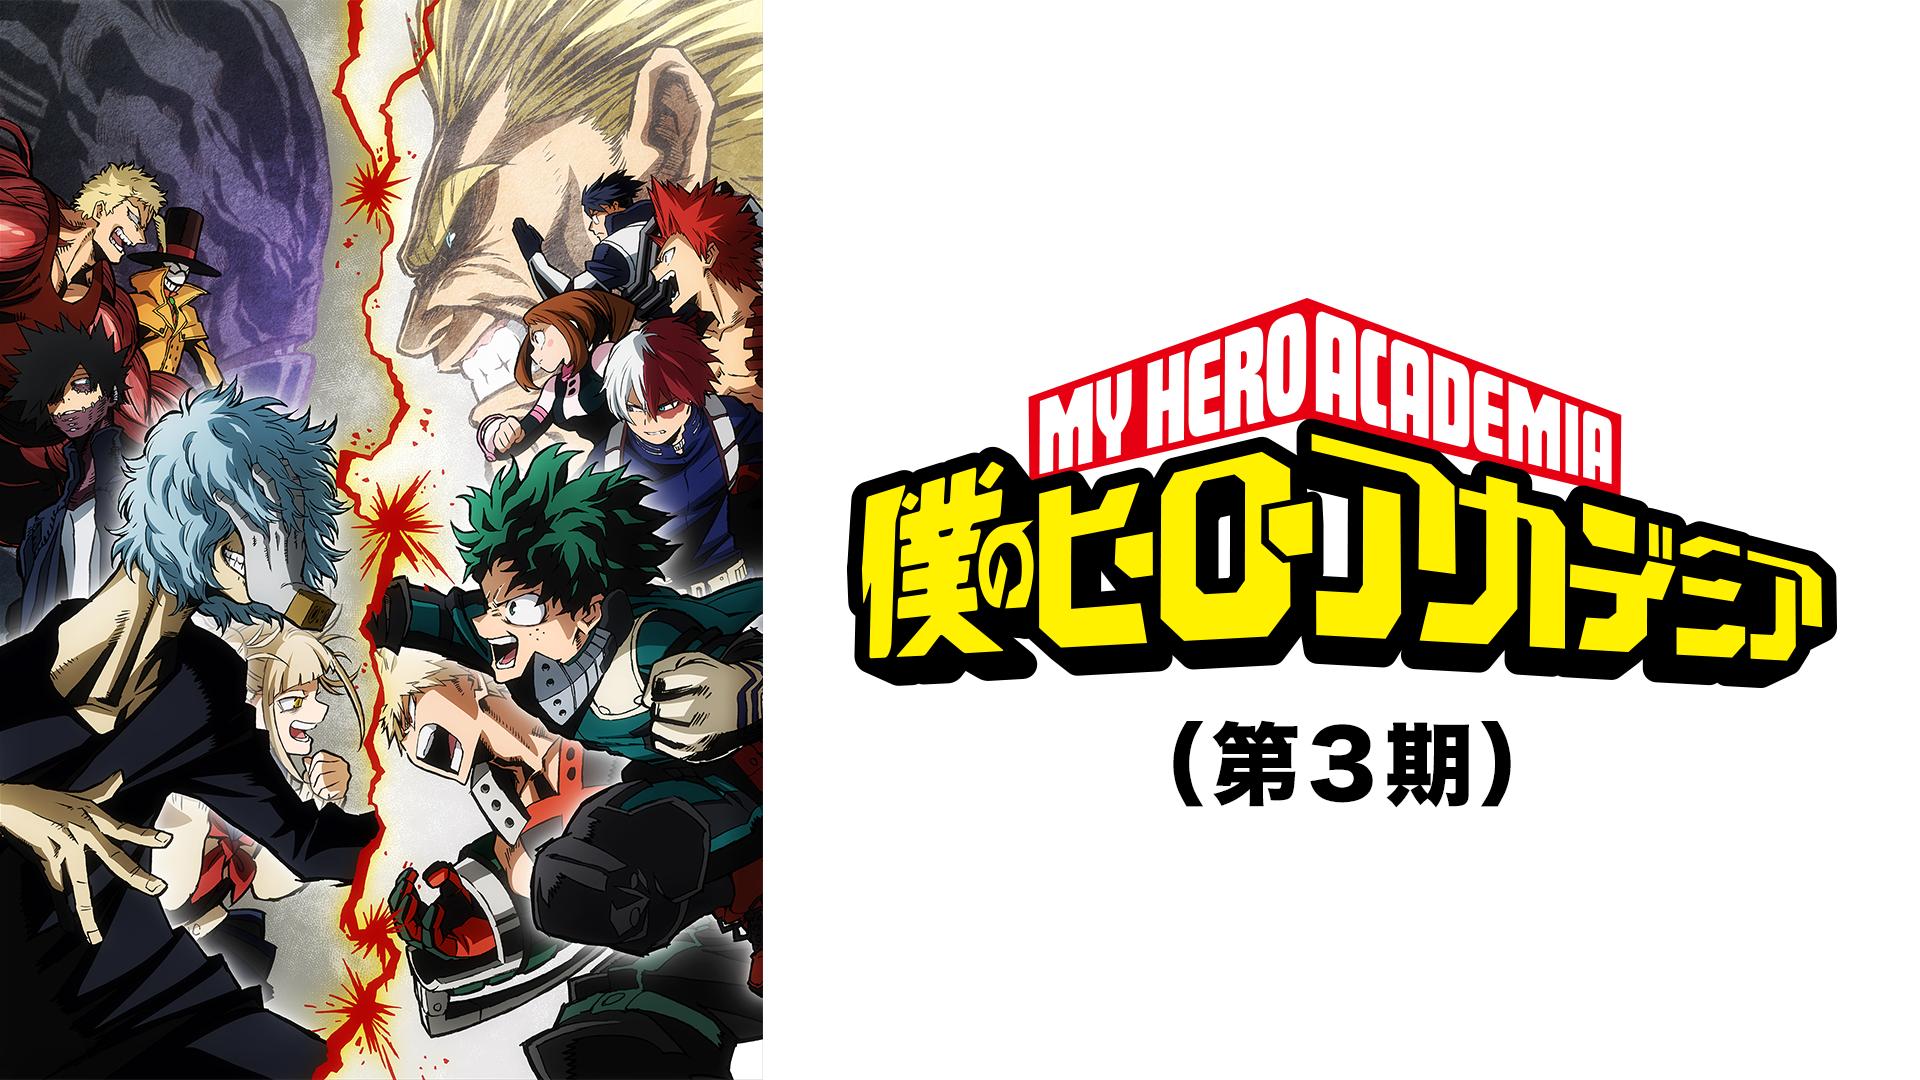 僕のヒーローアカデミア 3期の動画 - 僕のヒーローアカデミア THE MOVIE 〜2人の英雄(ヒーロー)〜